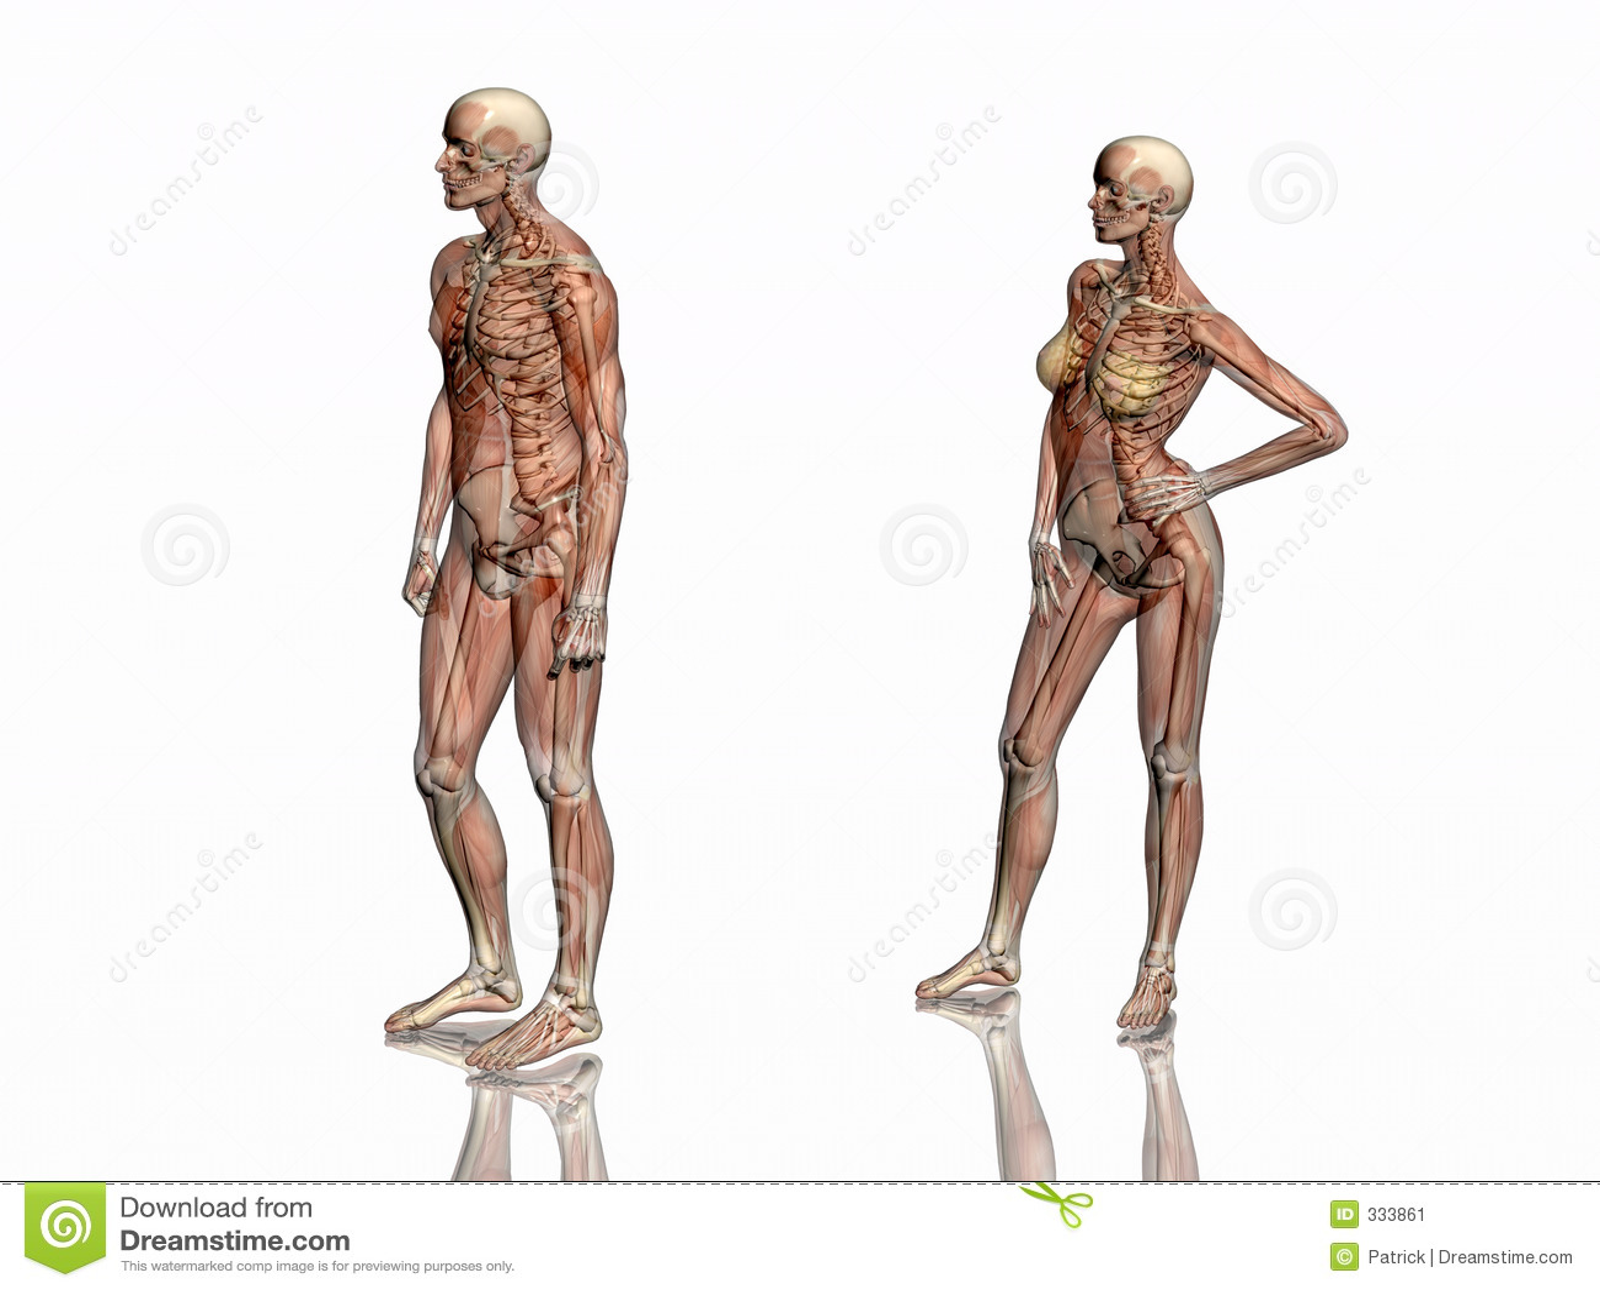 Atractivo La Anatomía Del Esqueleto De Pollo Elaboración - Imágenes ...